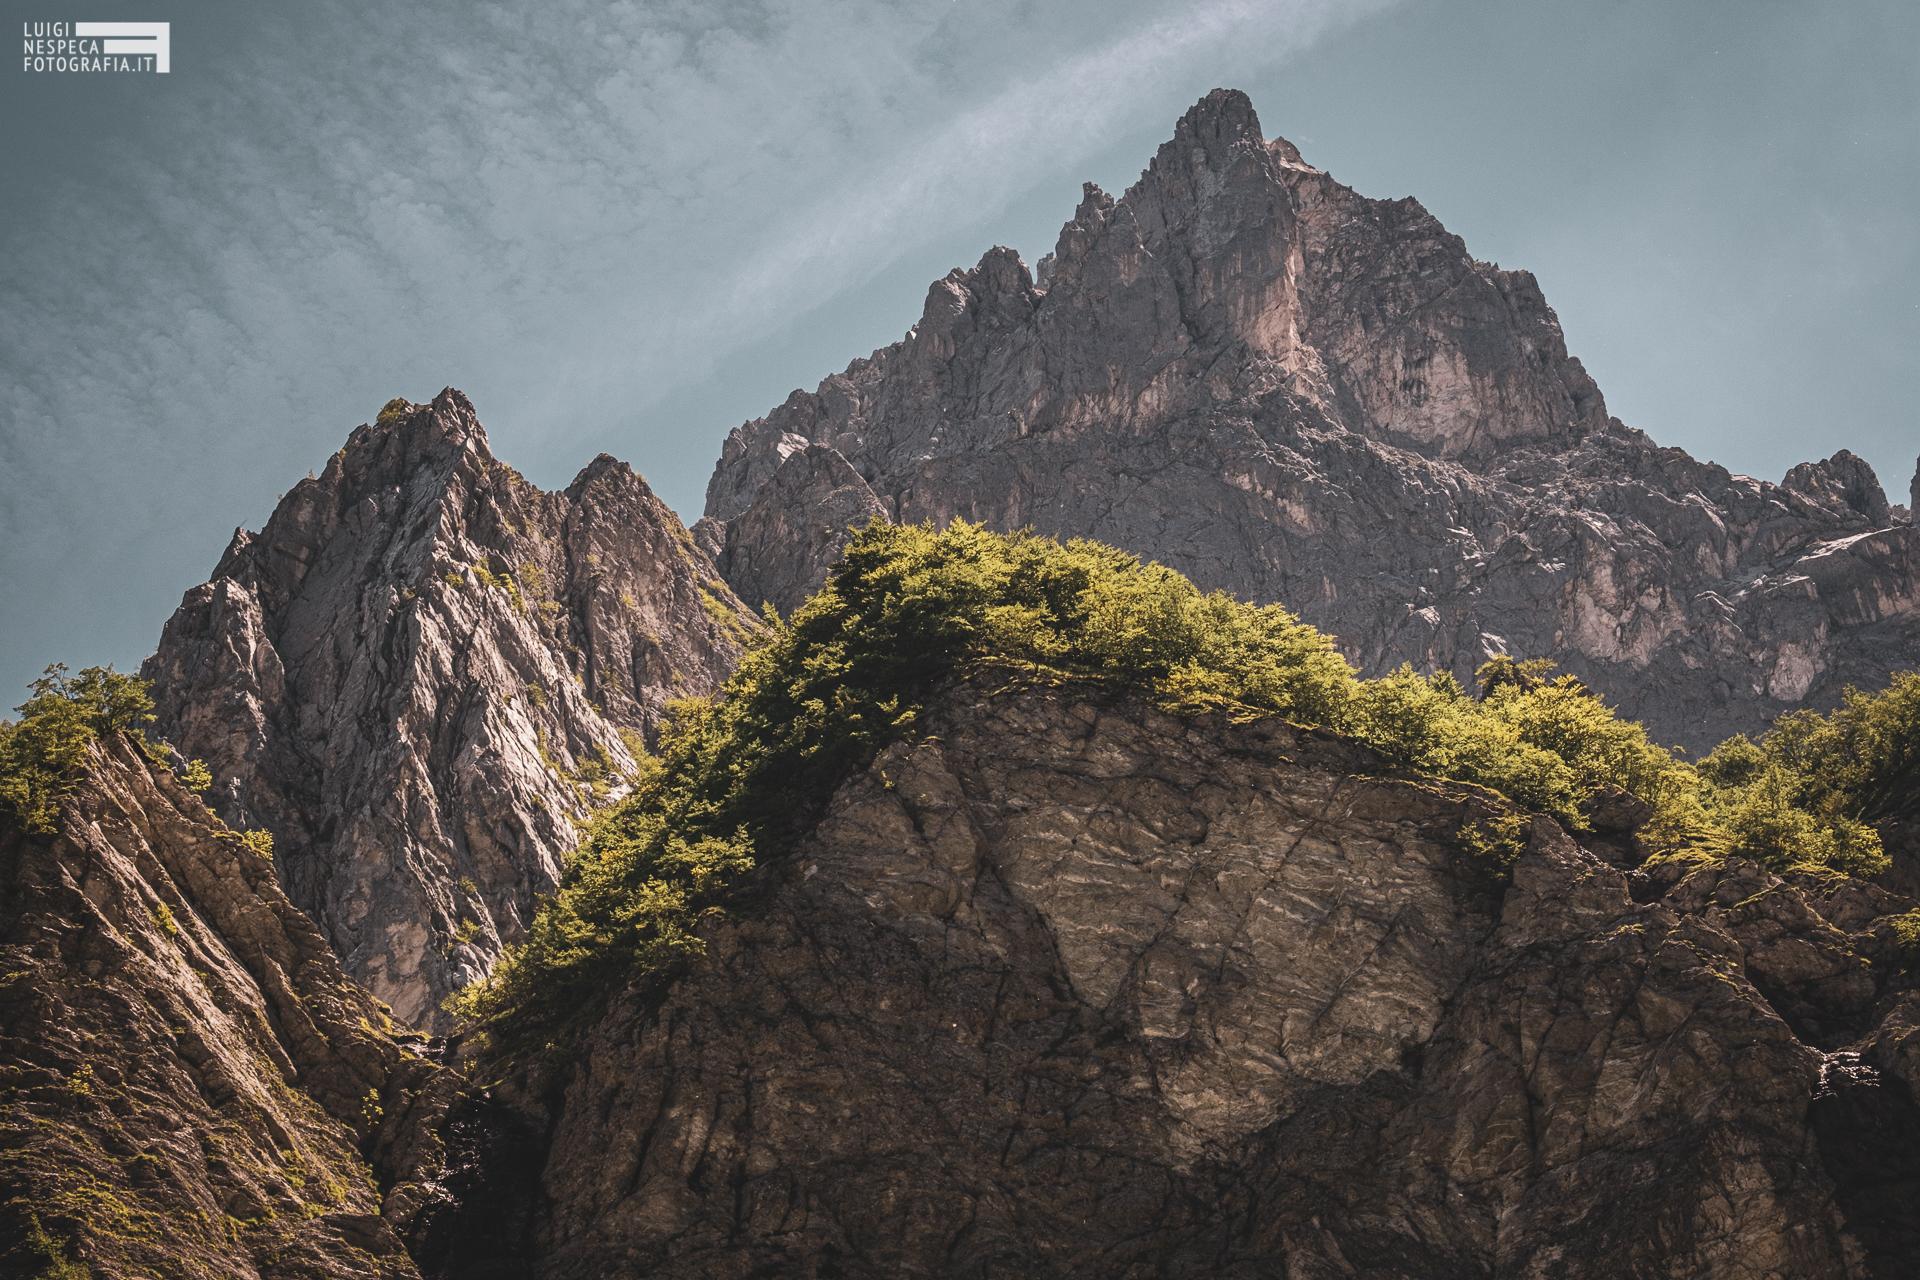 61 - Monte Camicia Parete nord